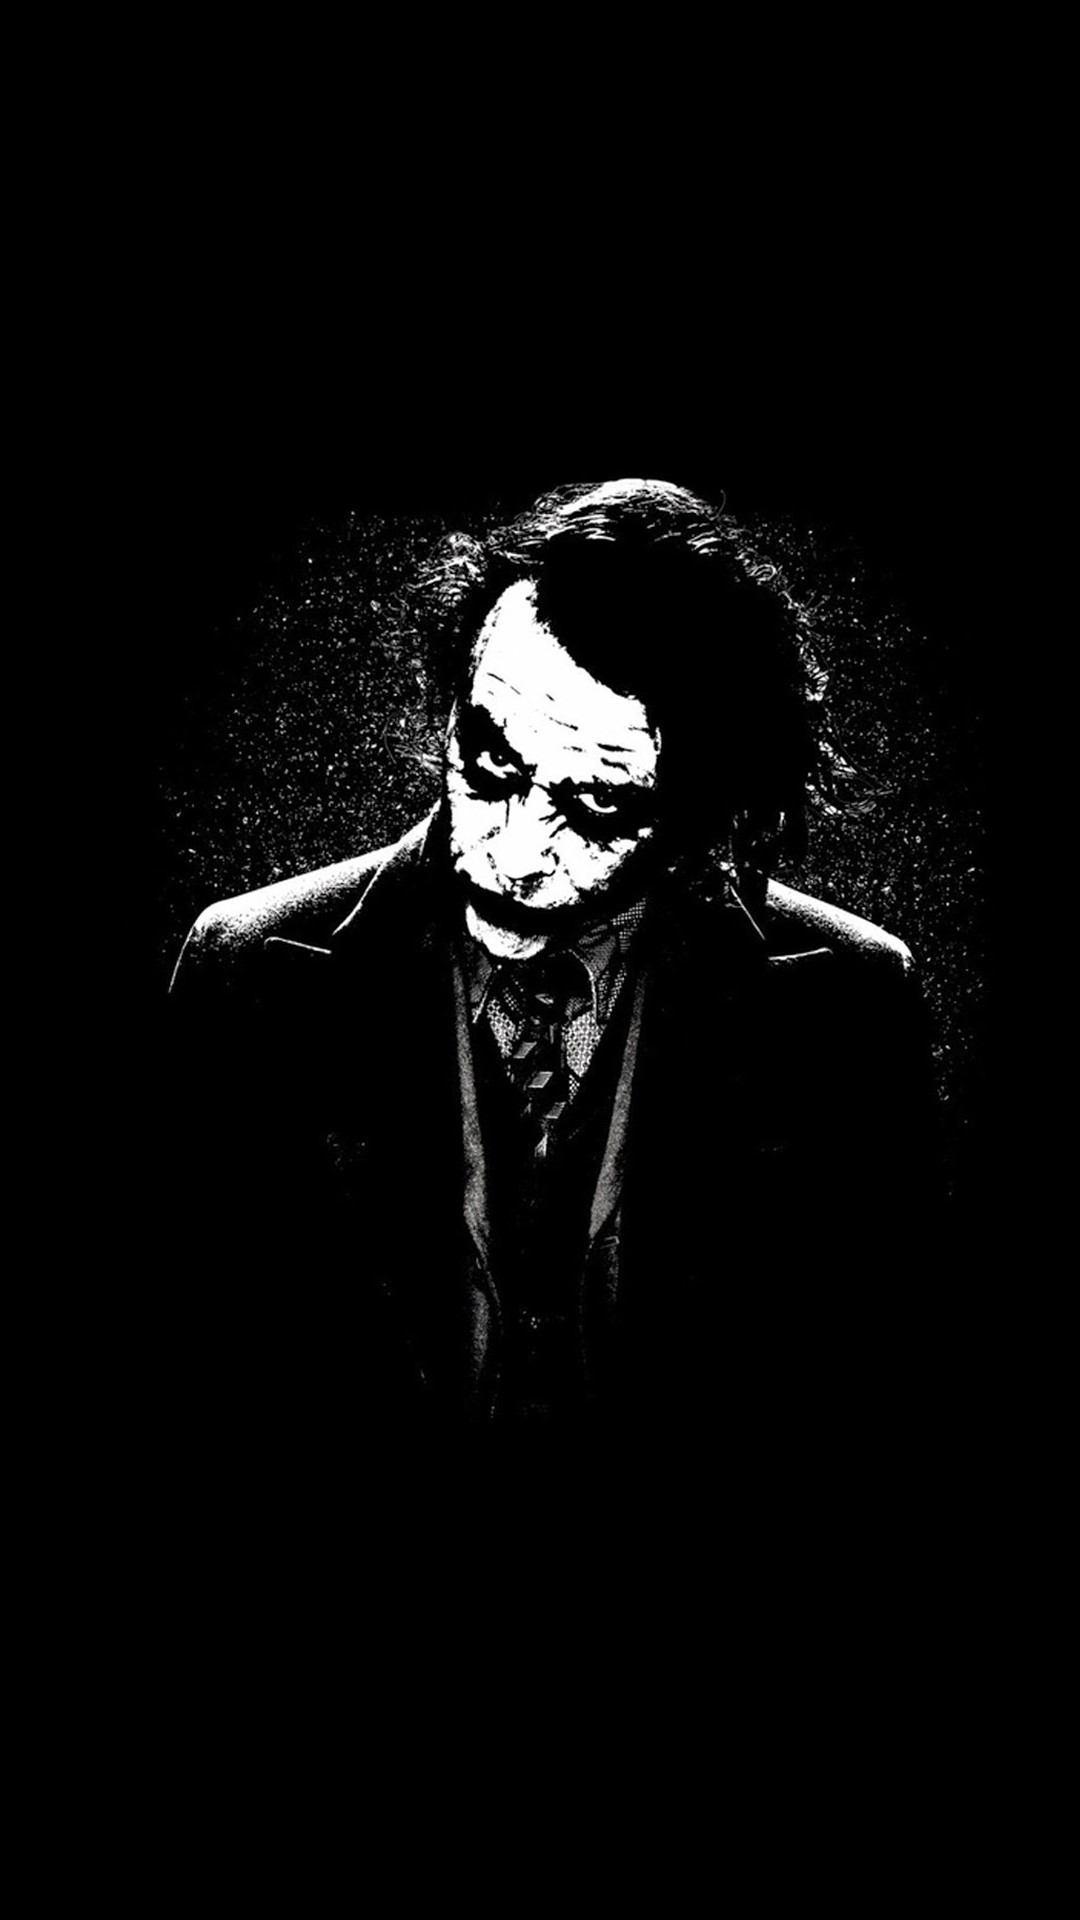 Joker siyah beyaz